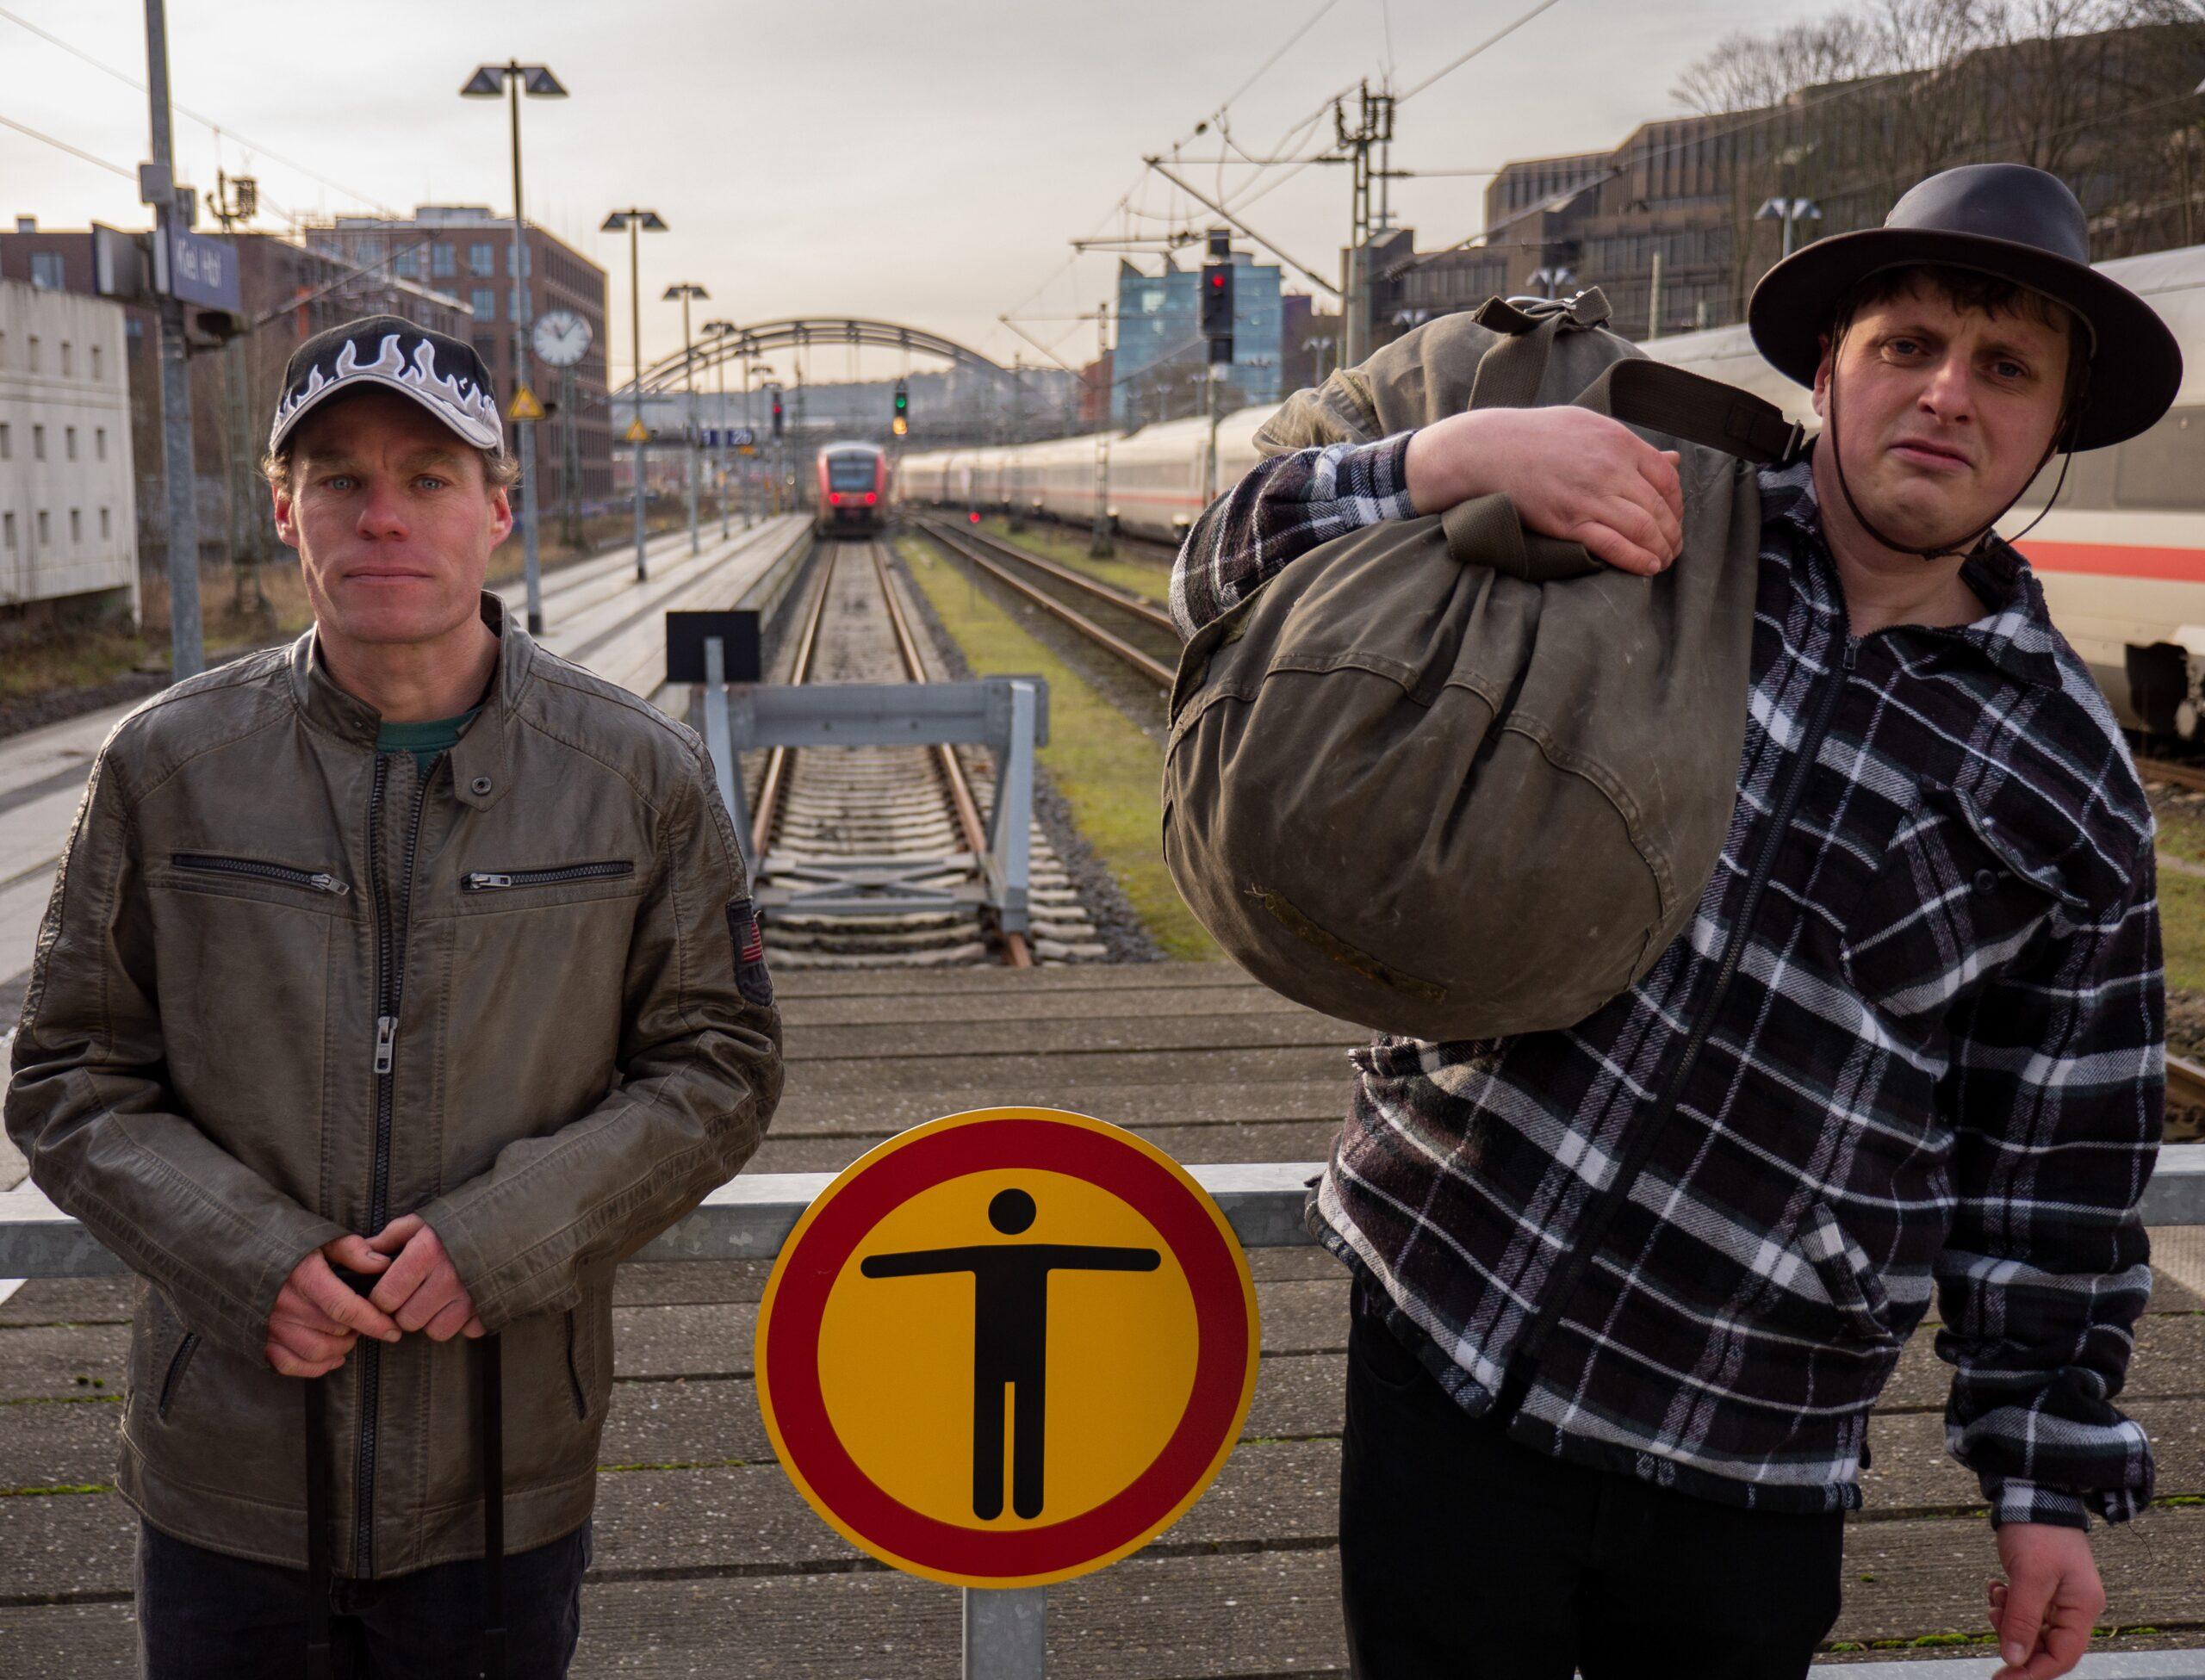 Zwei Männer stehen am Sackbahnhof